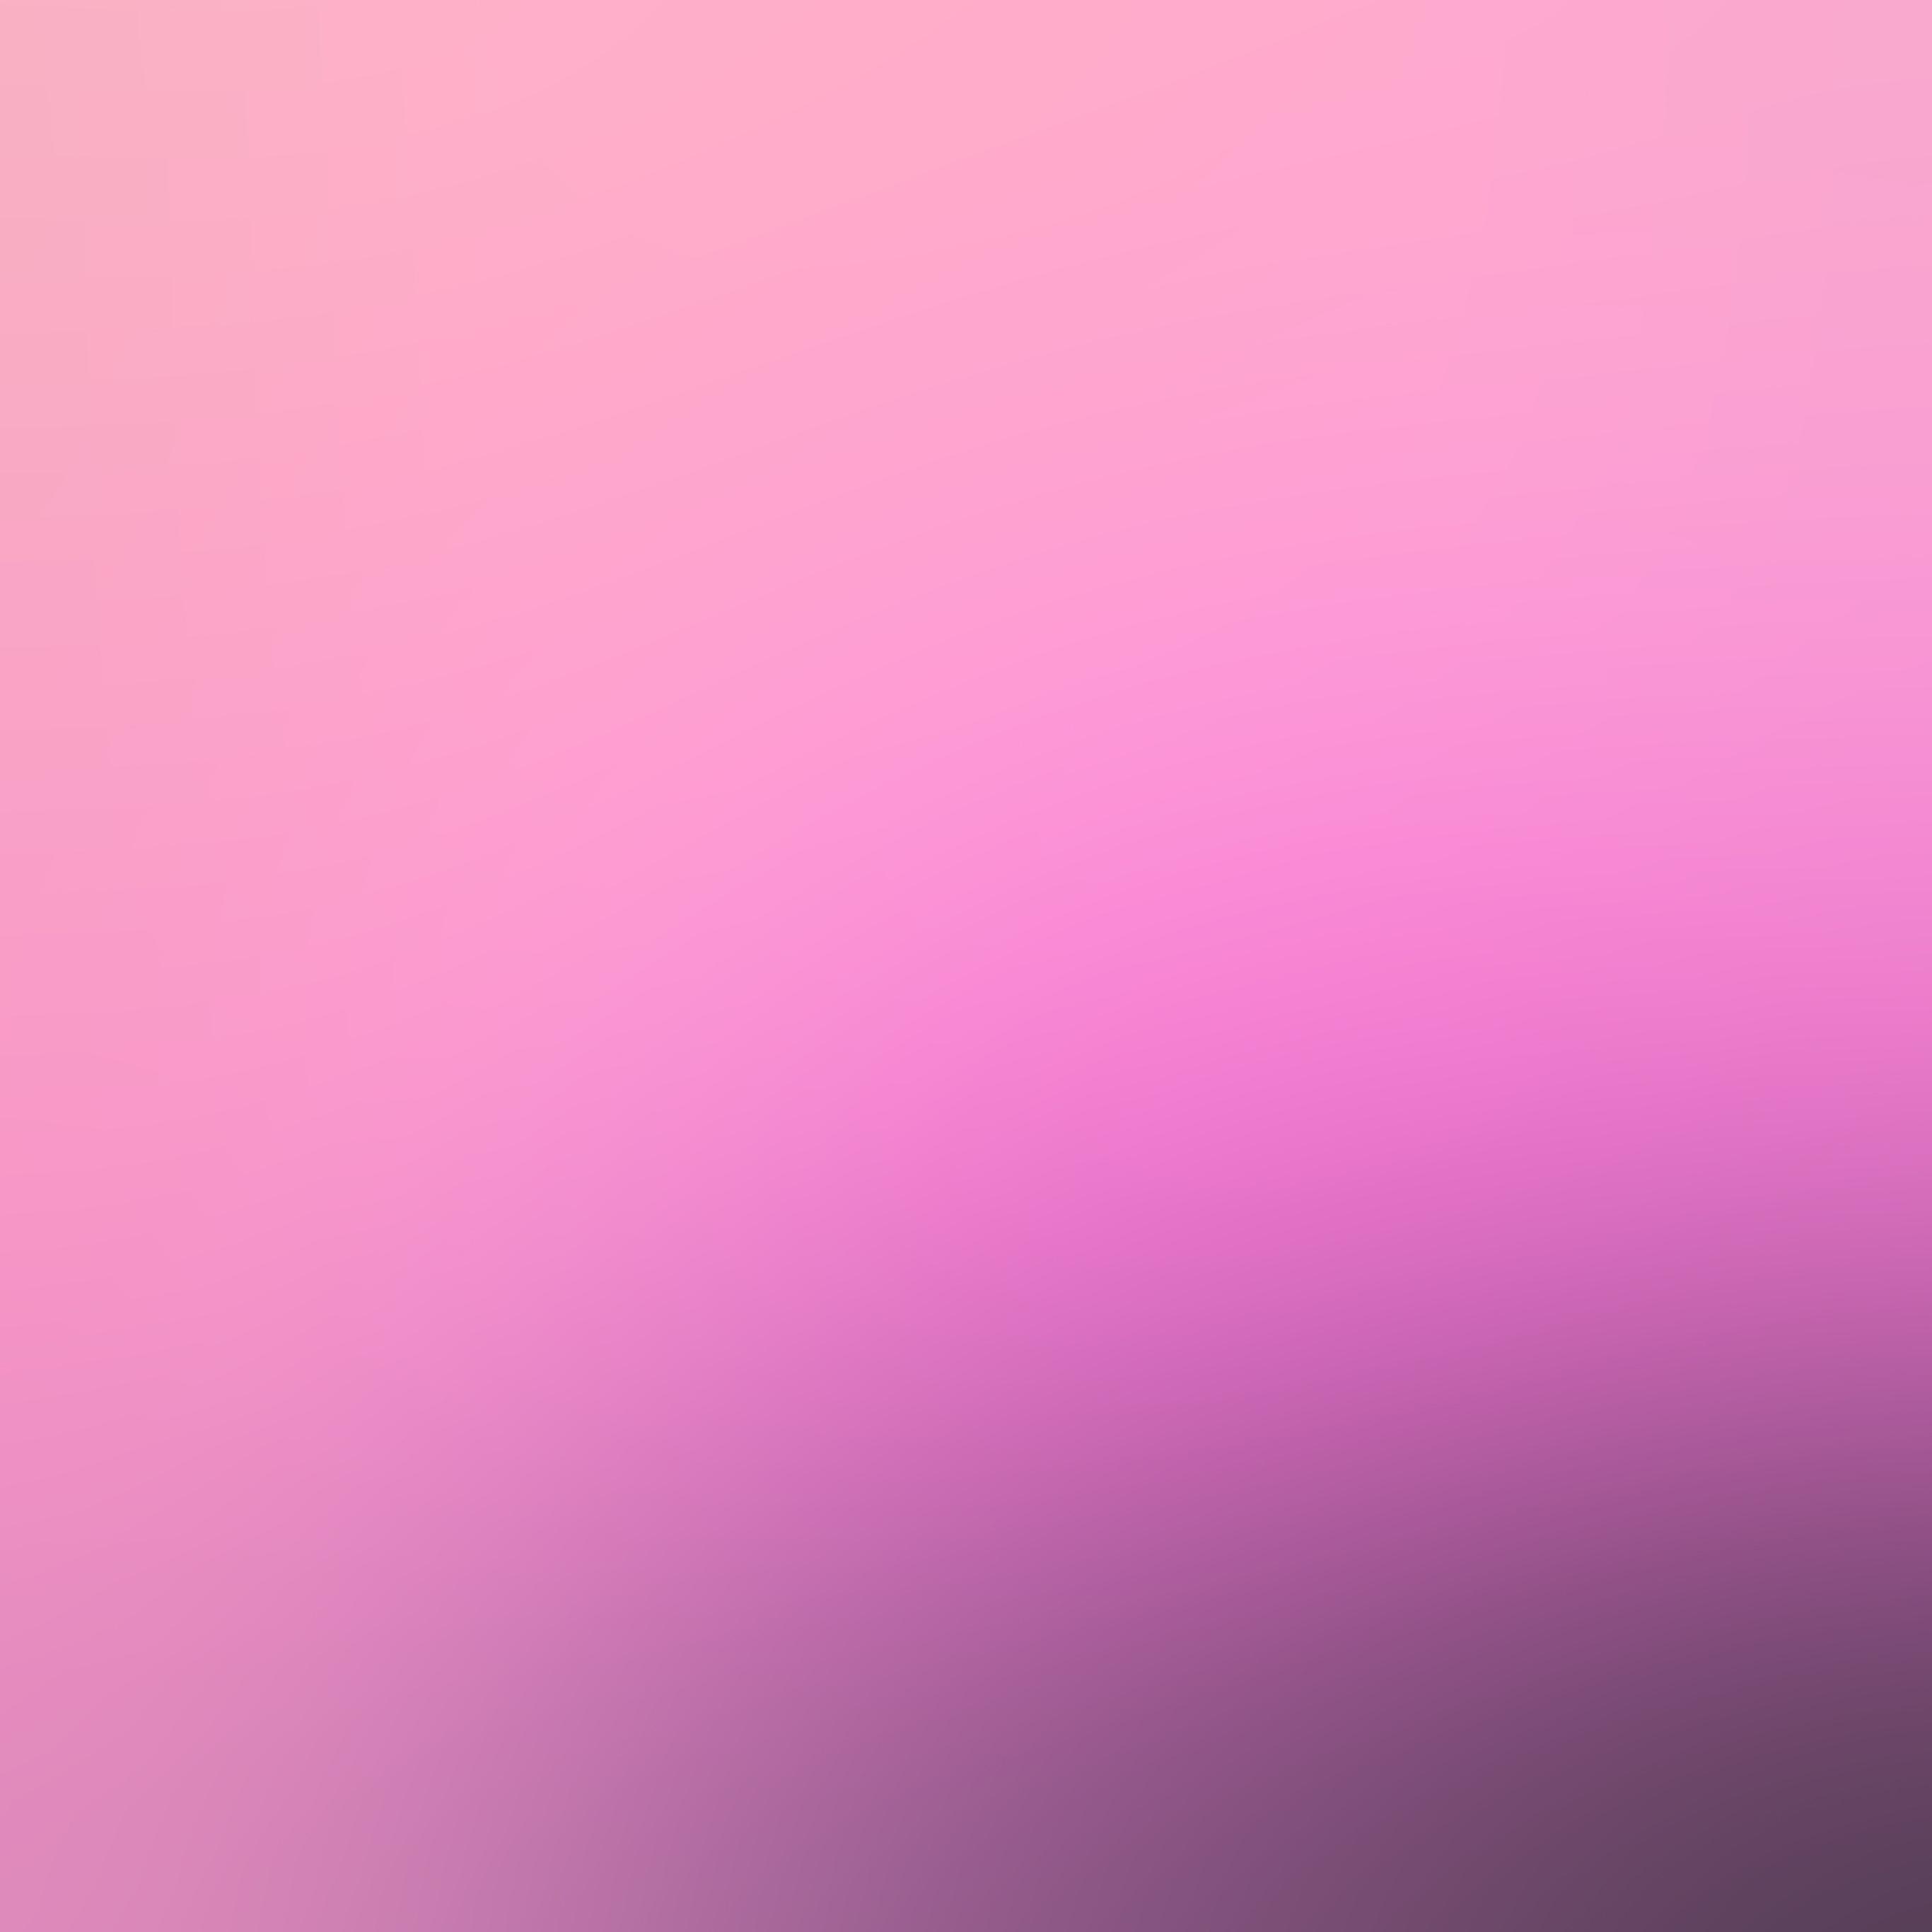 Pink Nude Photos 90